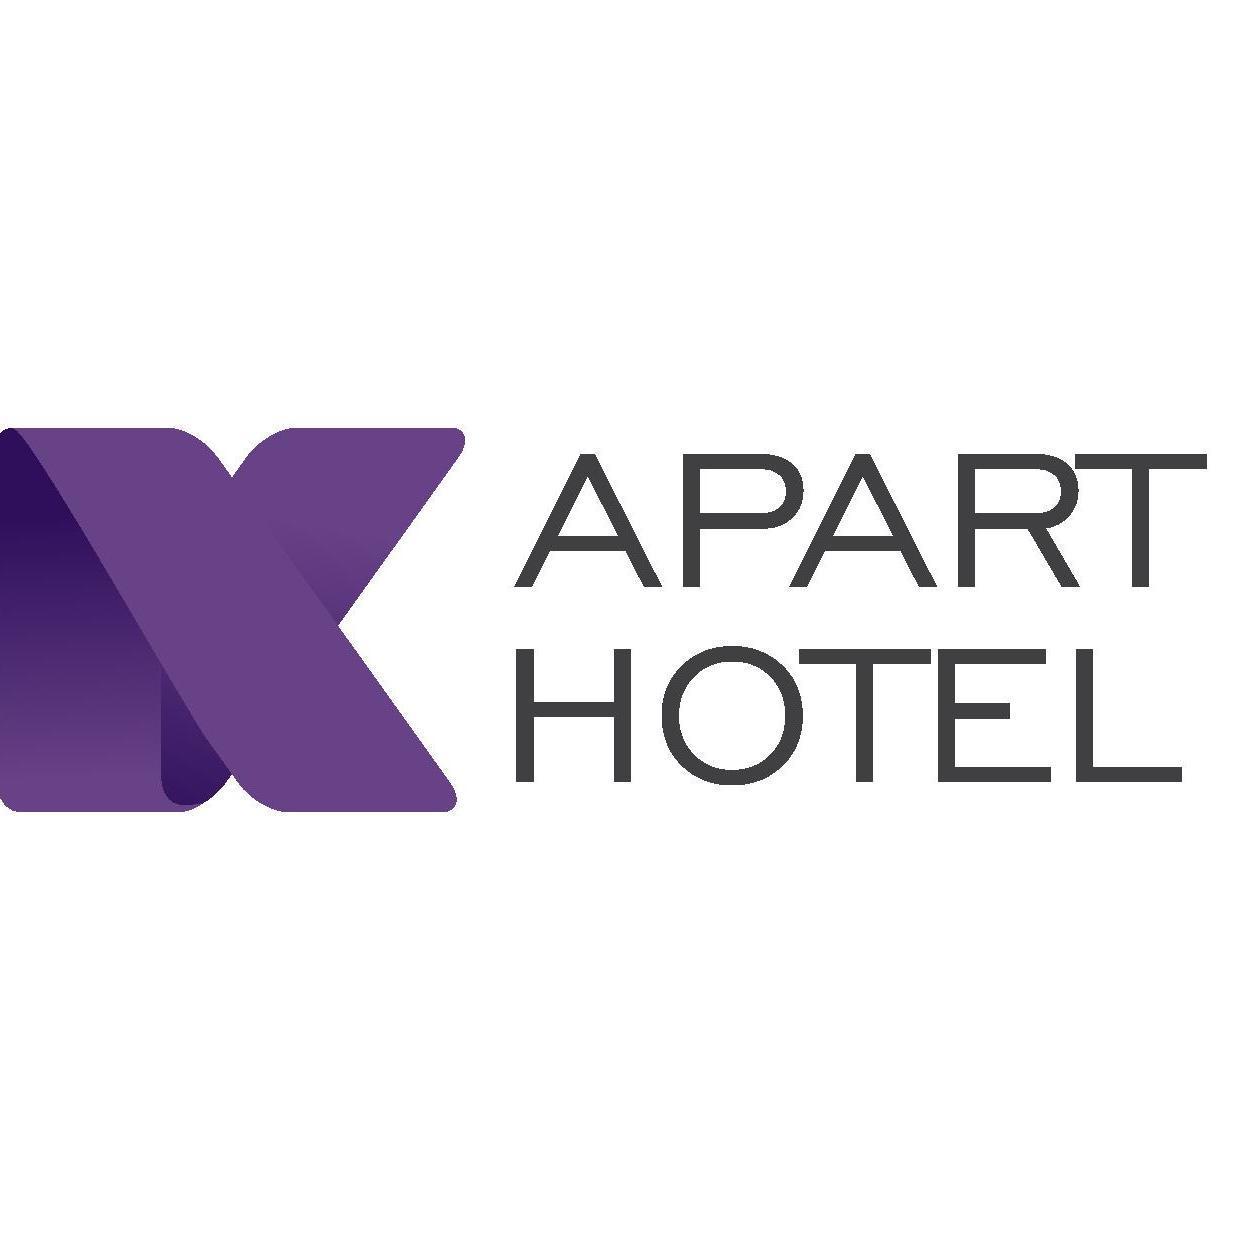 Apart hotel k apart hotelk twitter for Aparte hotel